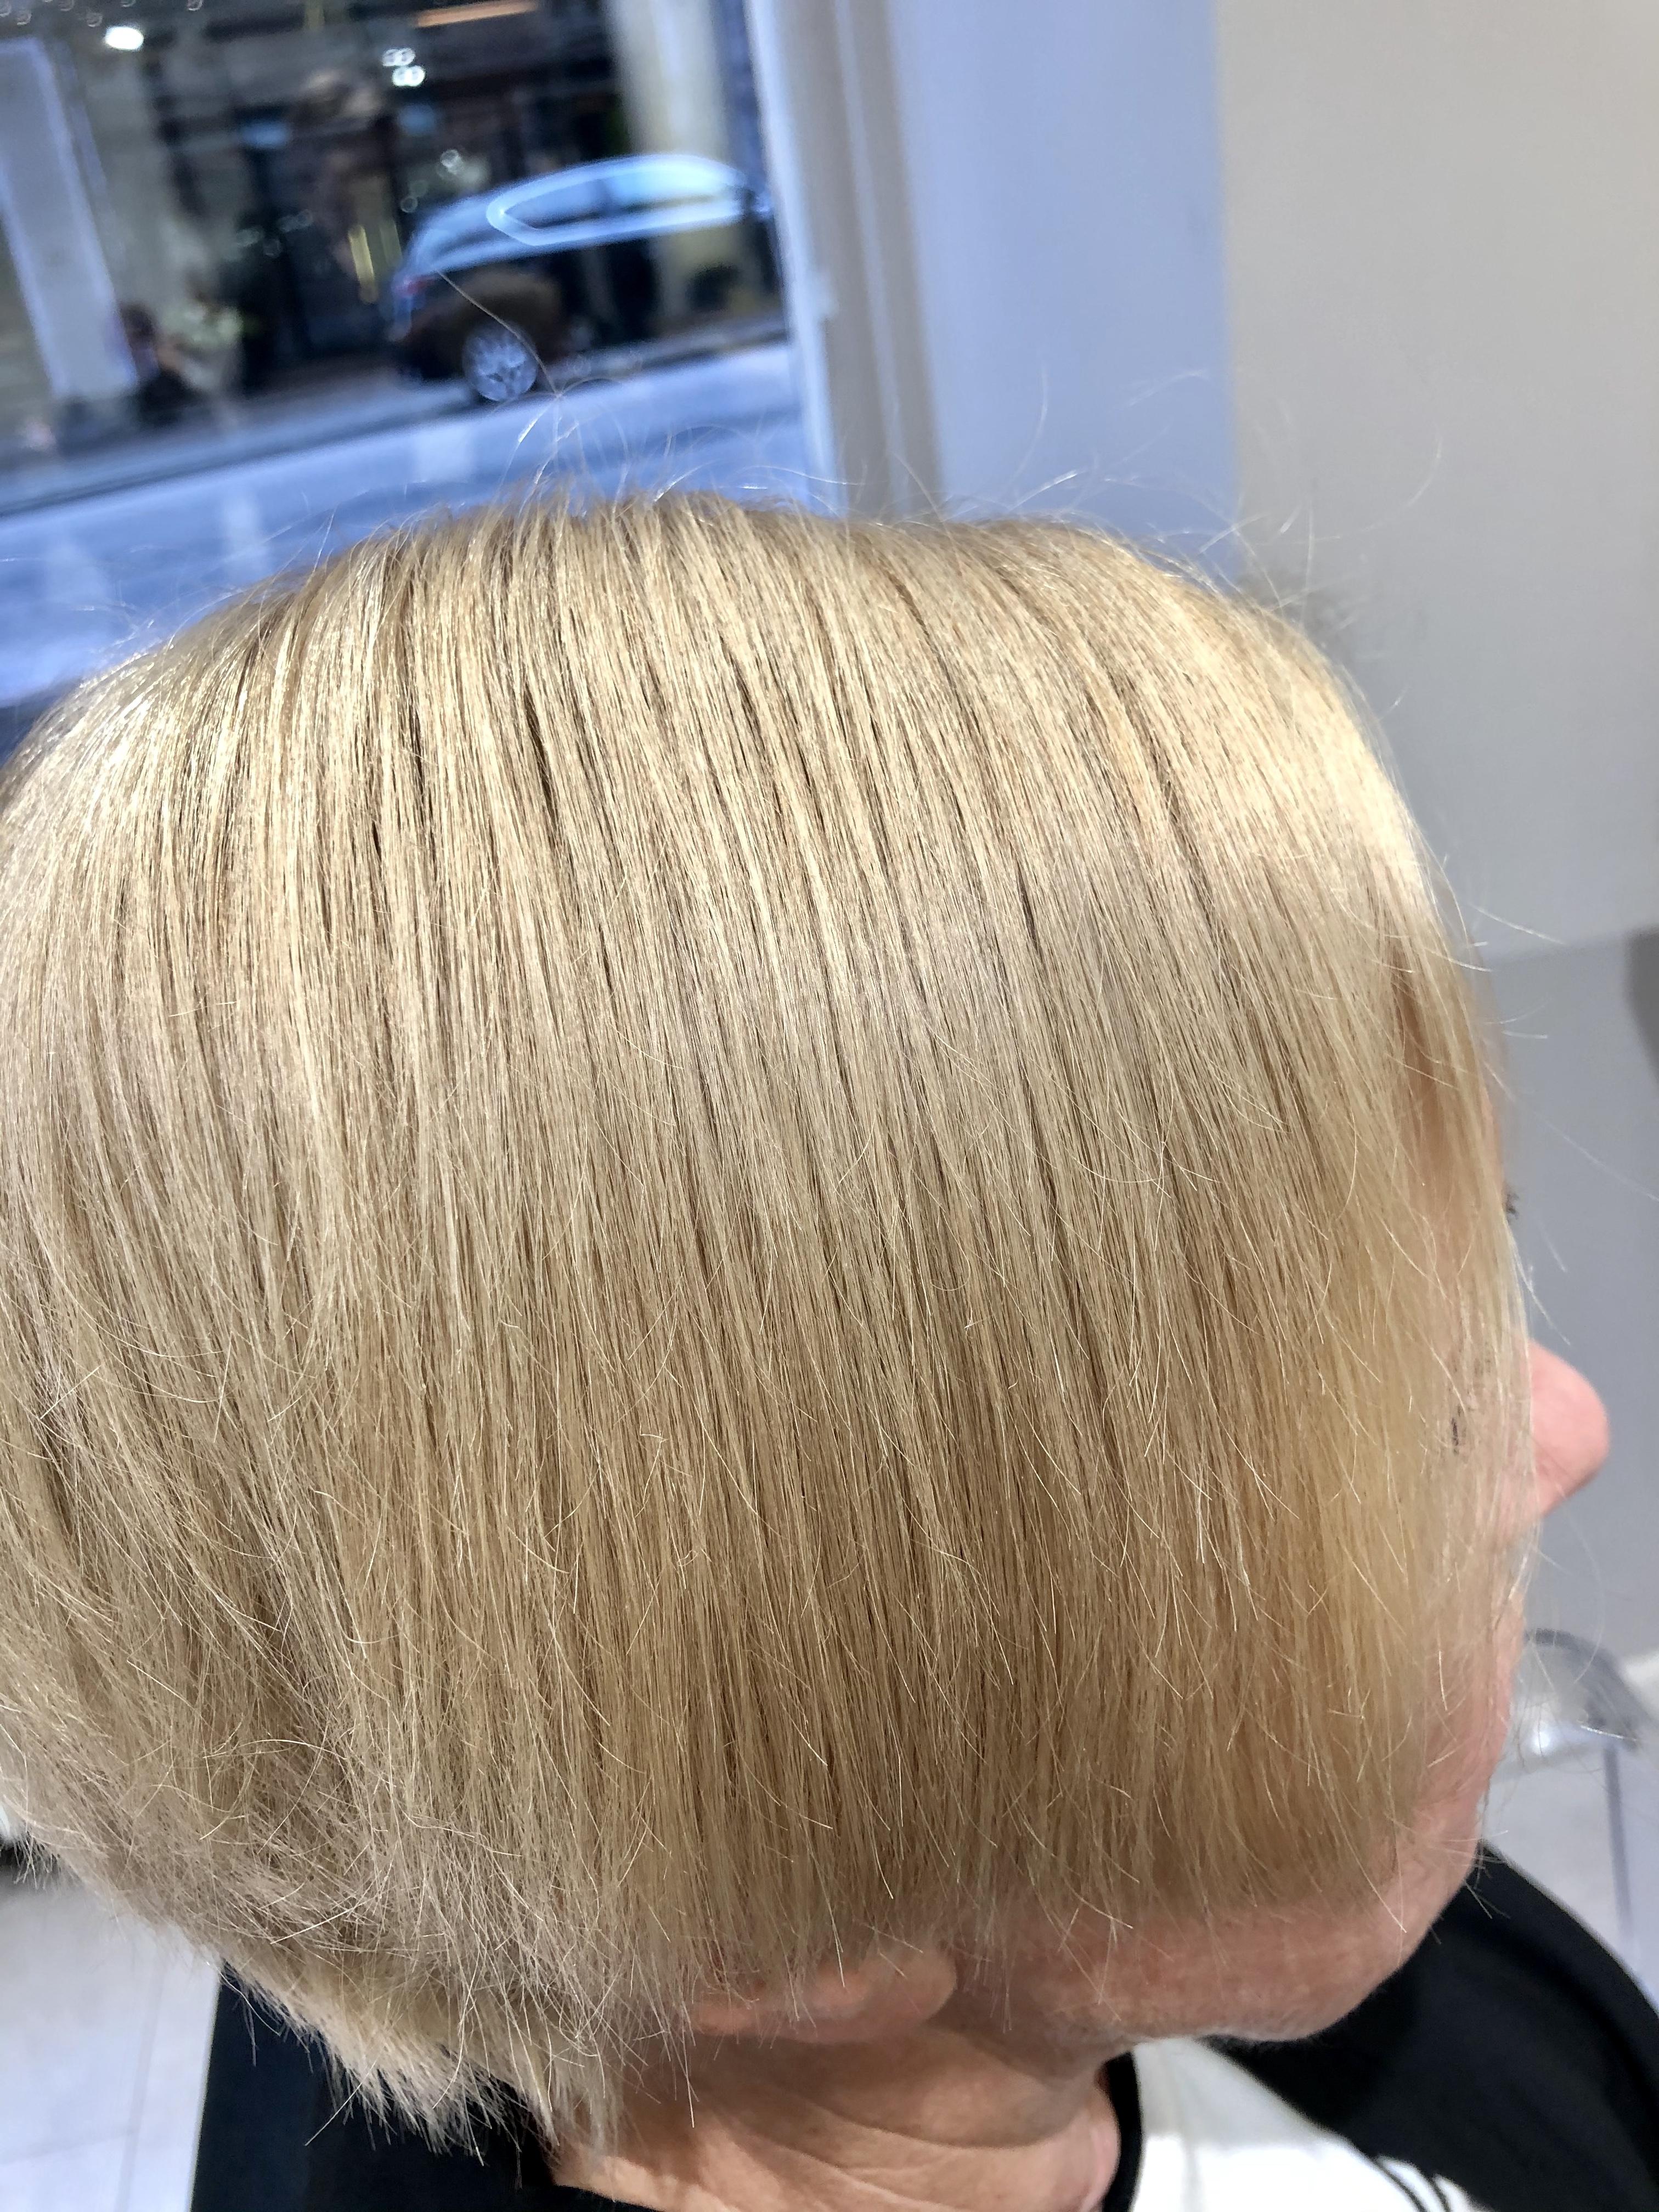 Hiukset ennen hoitoa